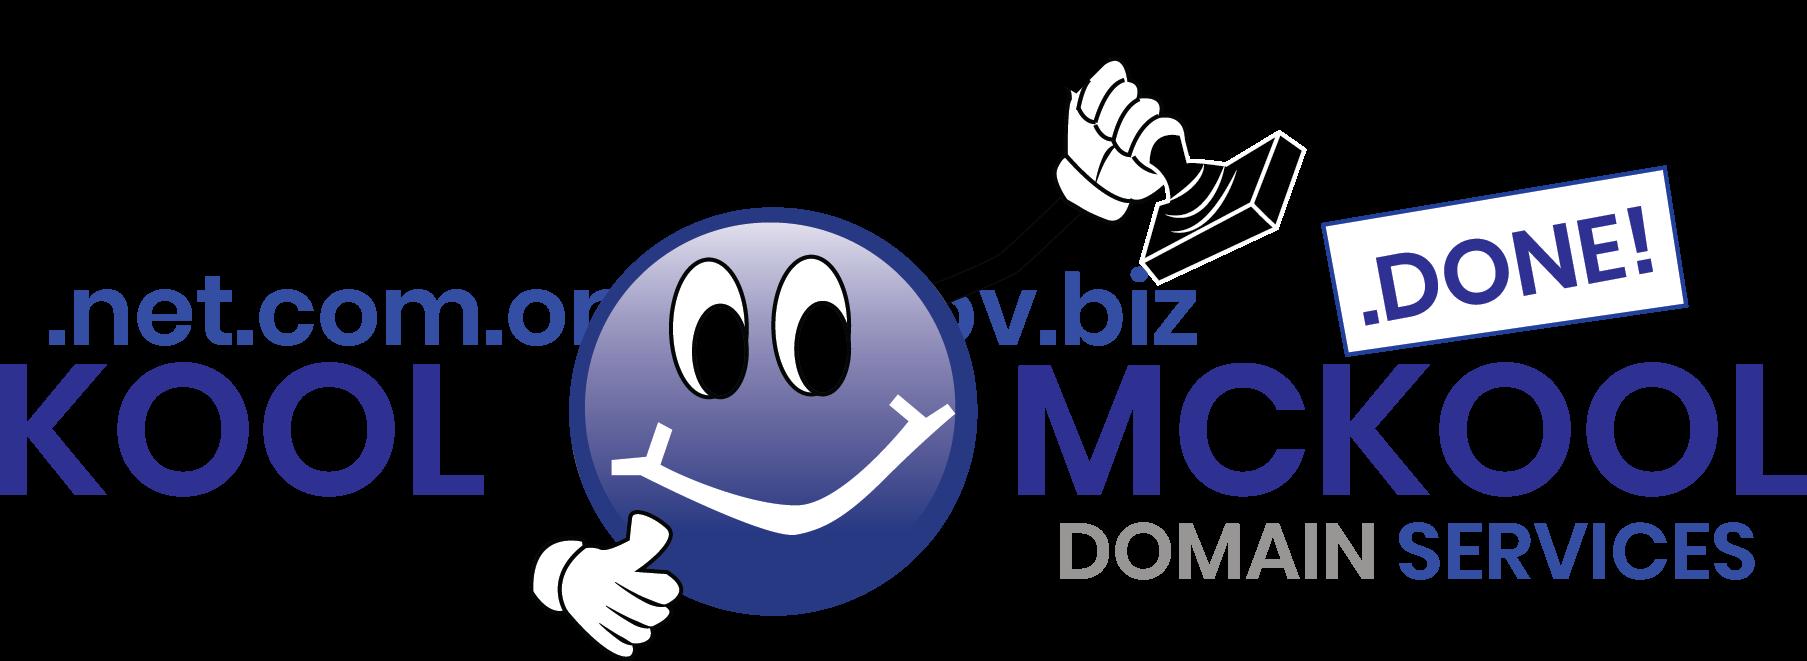 Kool McKool Domain Services